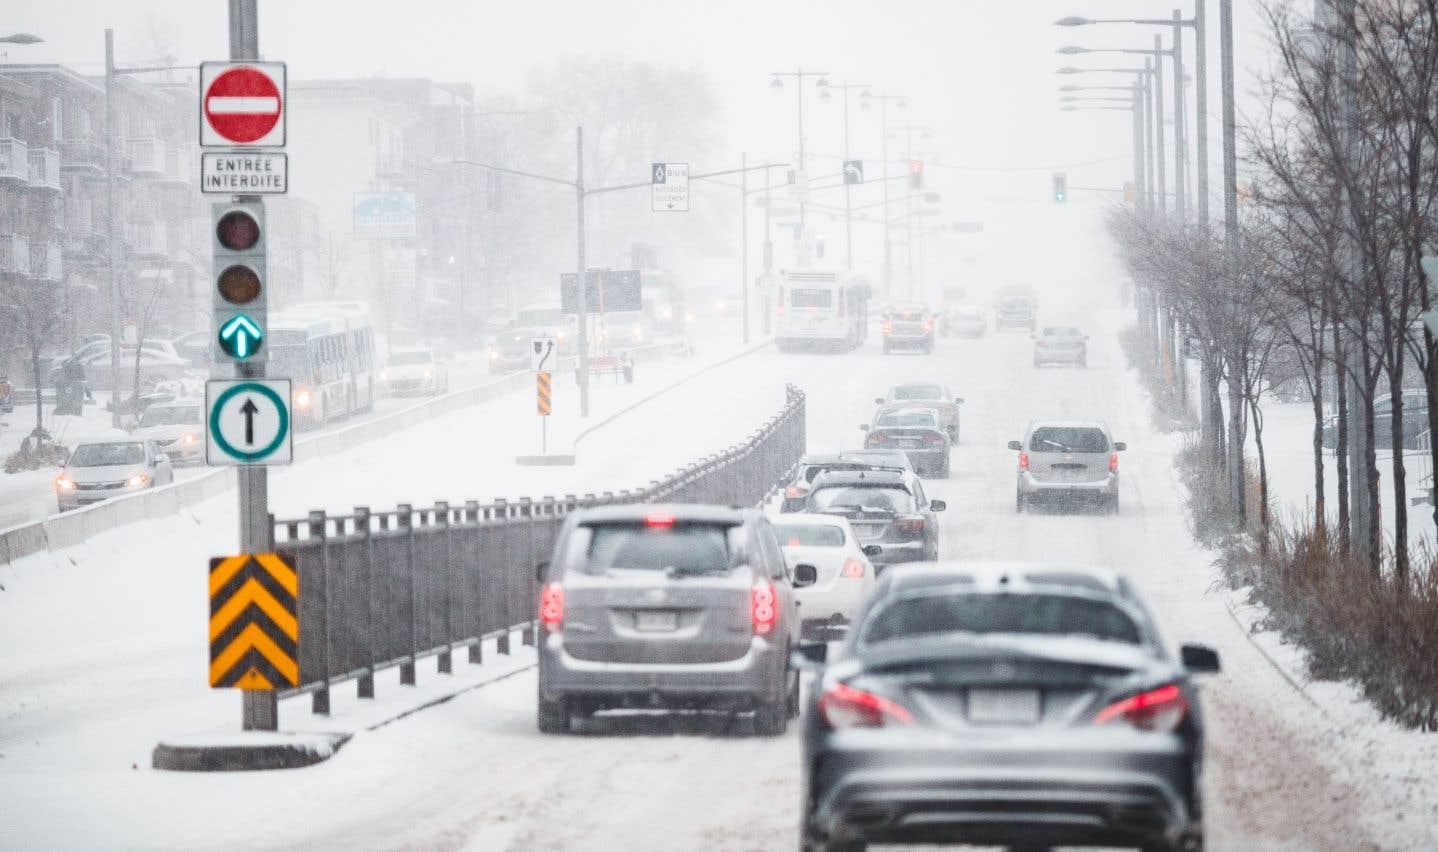 Pour Montréal, il s'agira de la première bordée de la saison. La métropole devrait recevoir environ 20 cm de neiges'abattre.